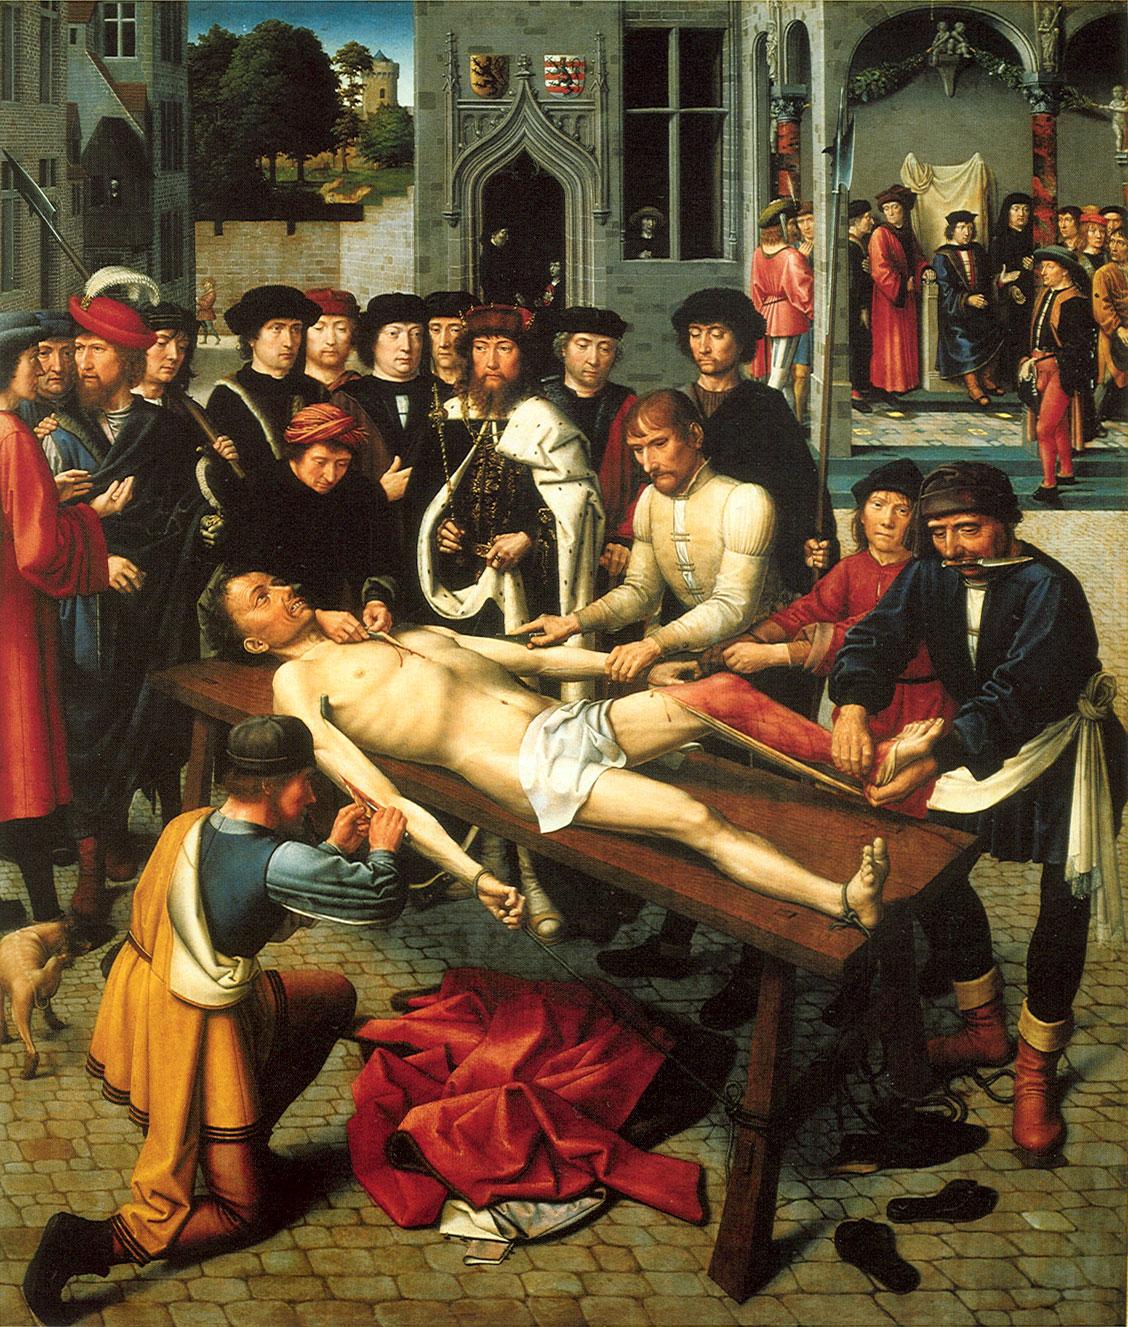 Экзекуция у врача 8 фотография